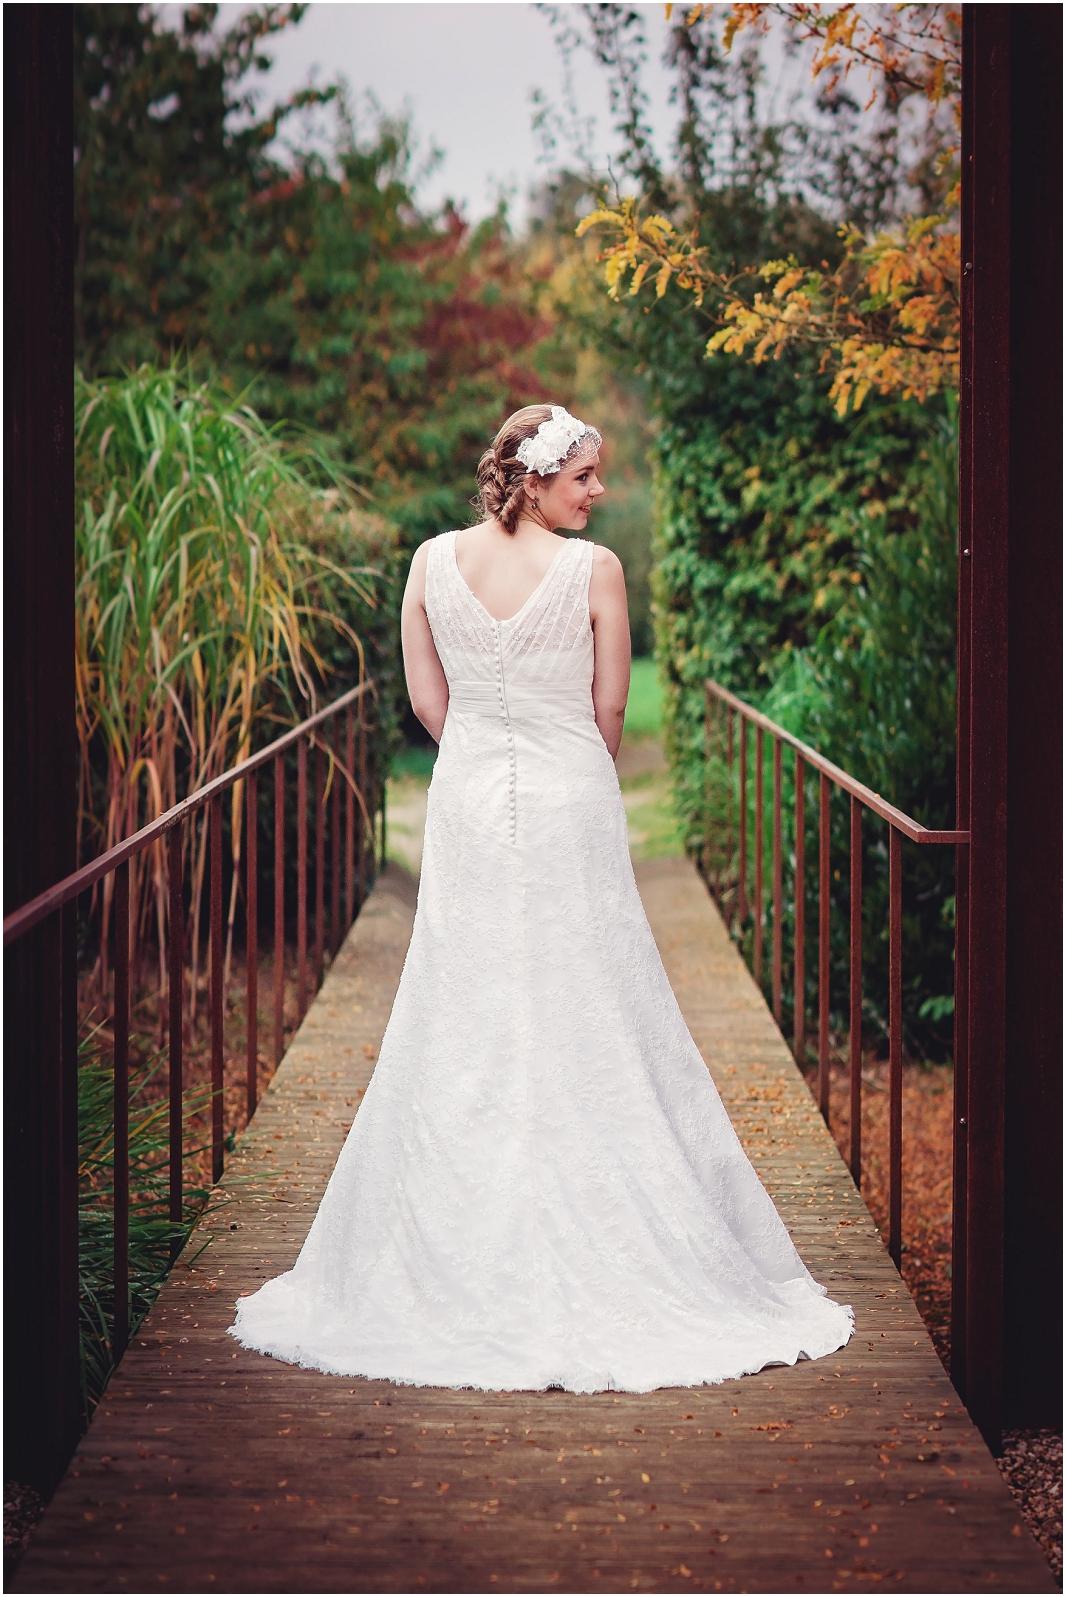 Brautkleid_Hochzeit_Jülich_Brückenkopfpark_Zitadelle_Hochzeitsfotografie_Hochzeitsreportage_Astrid Ebert Fotografie_0001